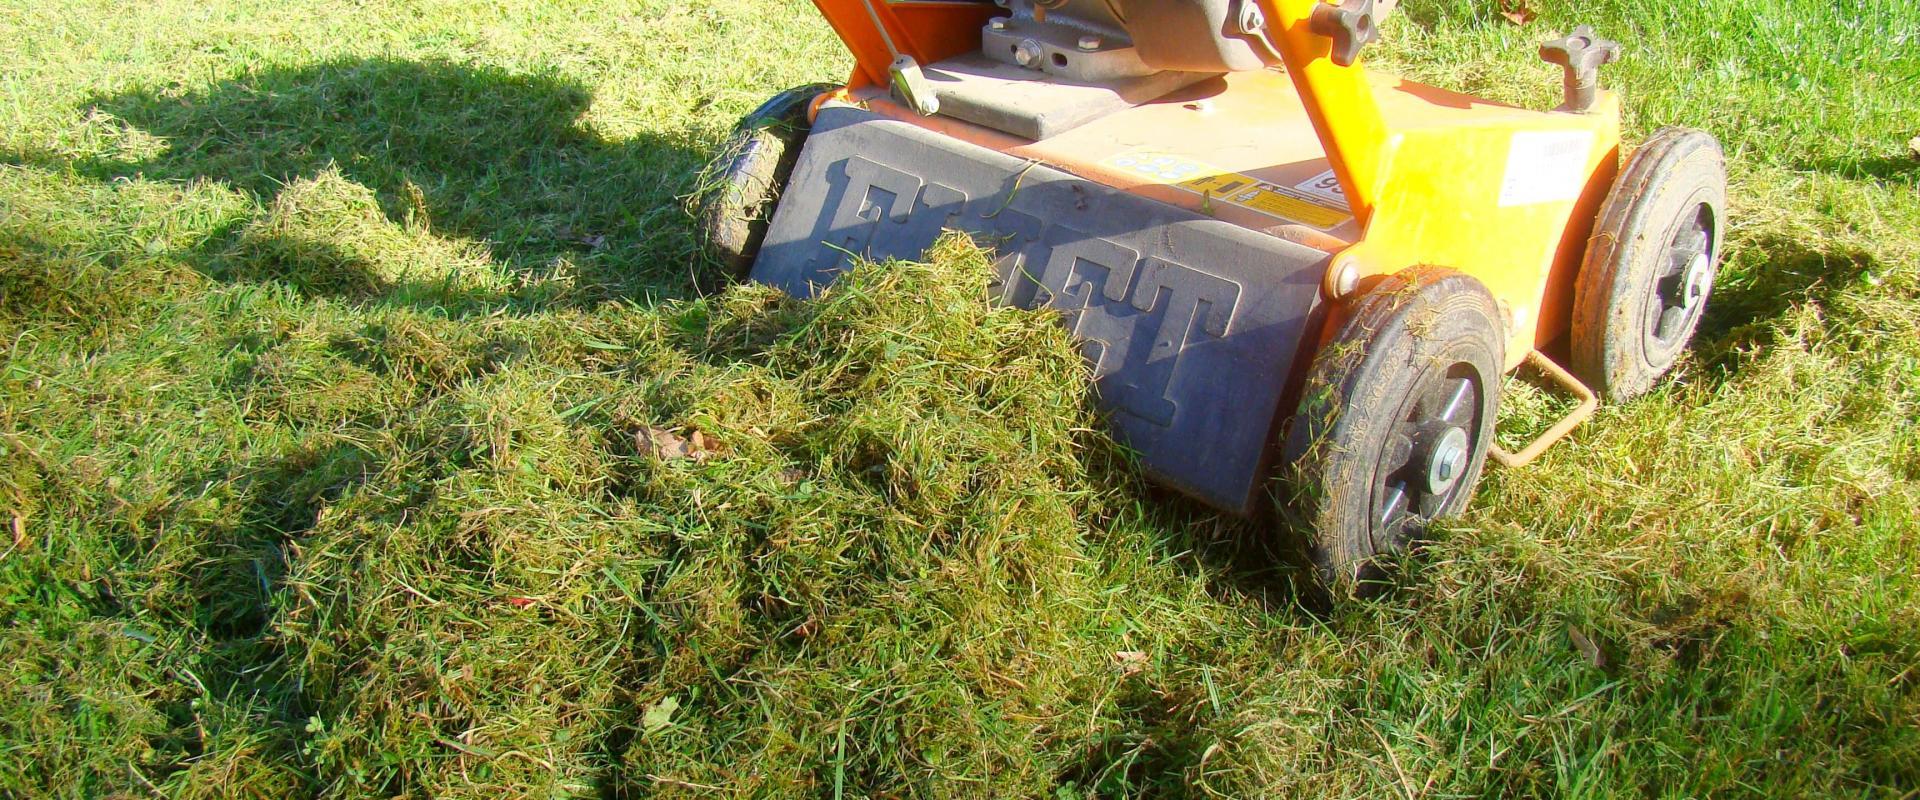 Скарификация газона. Фото.